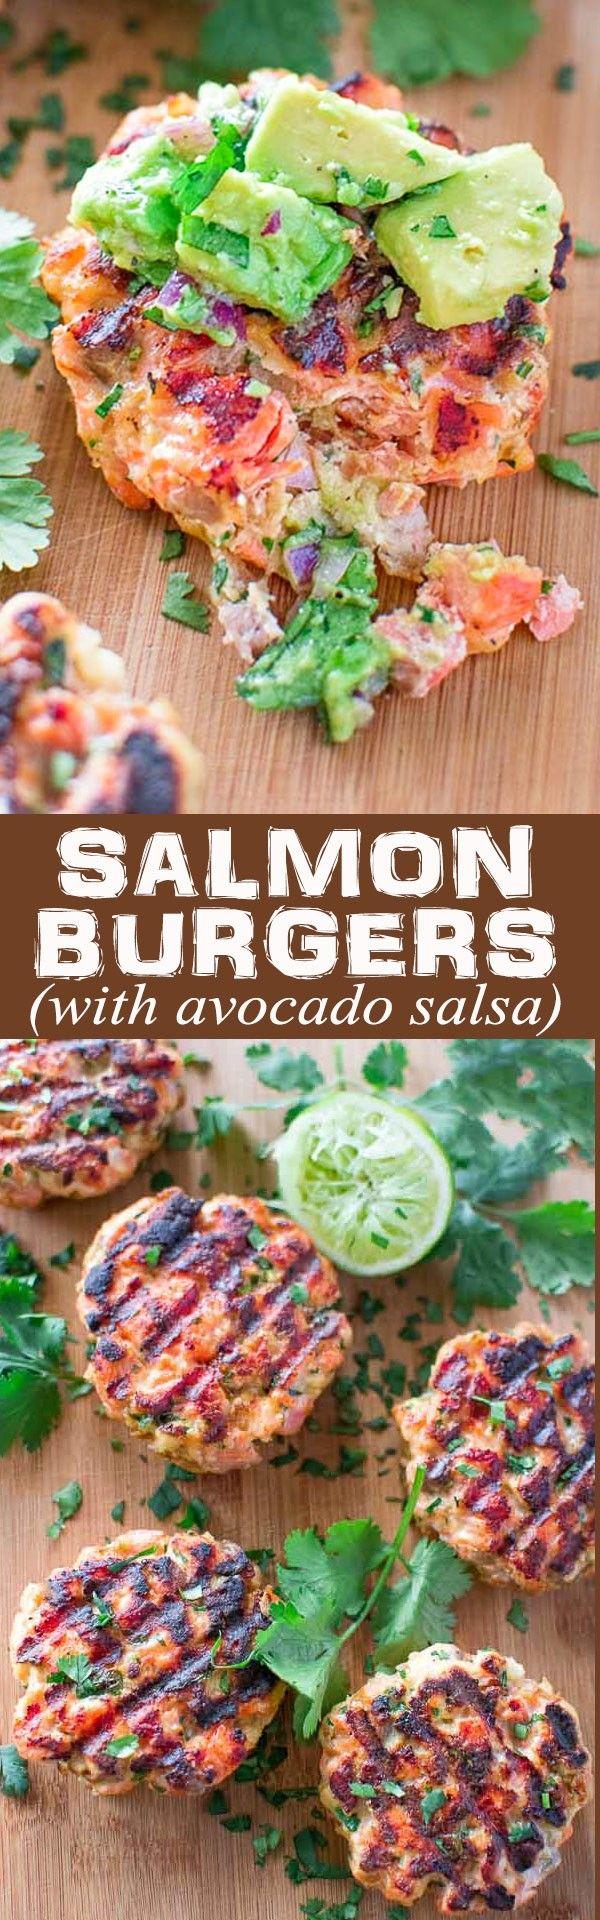 Get the recipe ♥ Salmon Burgers with Avocado Salsa @recipes_to_go